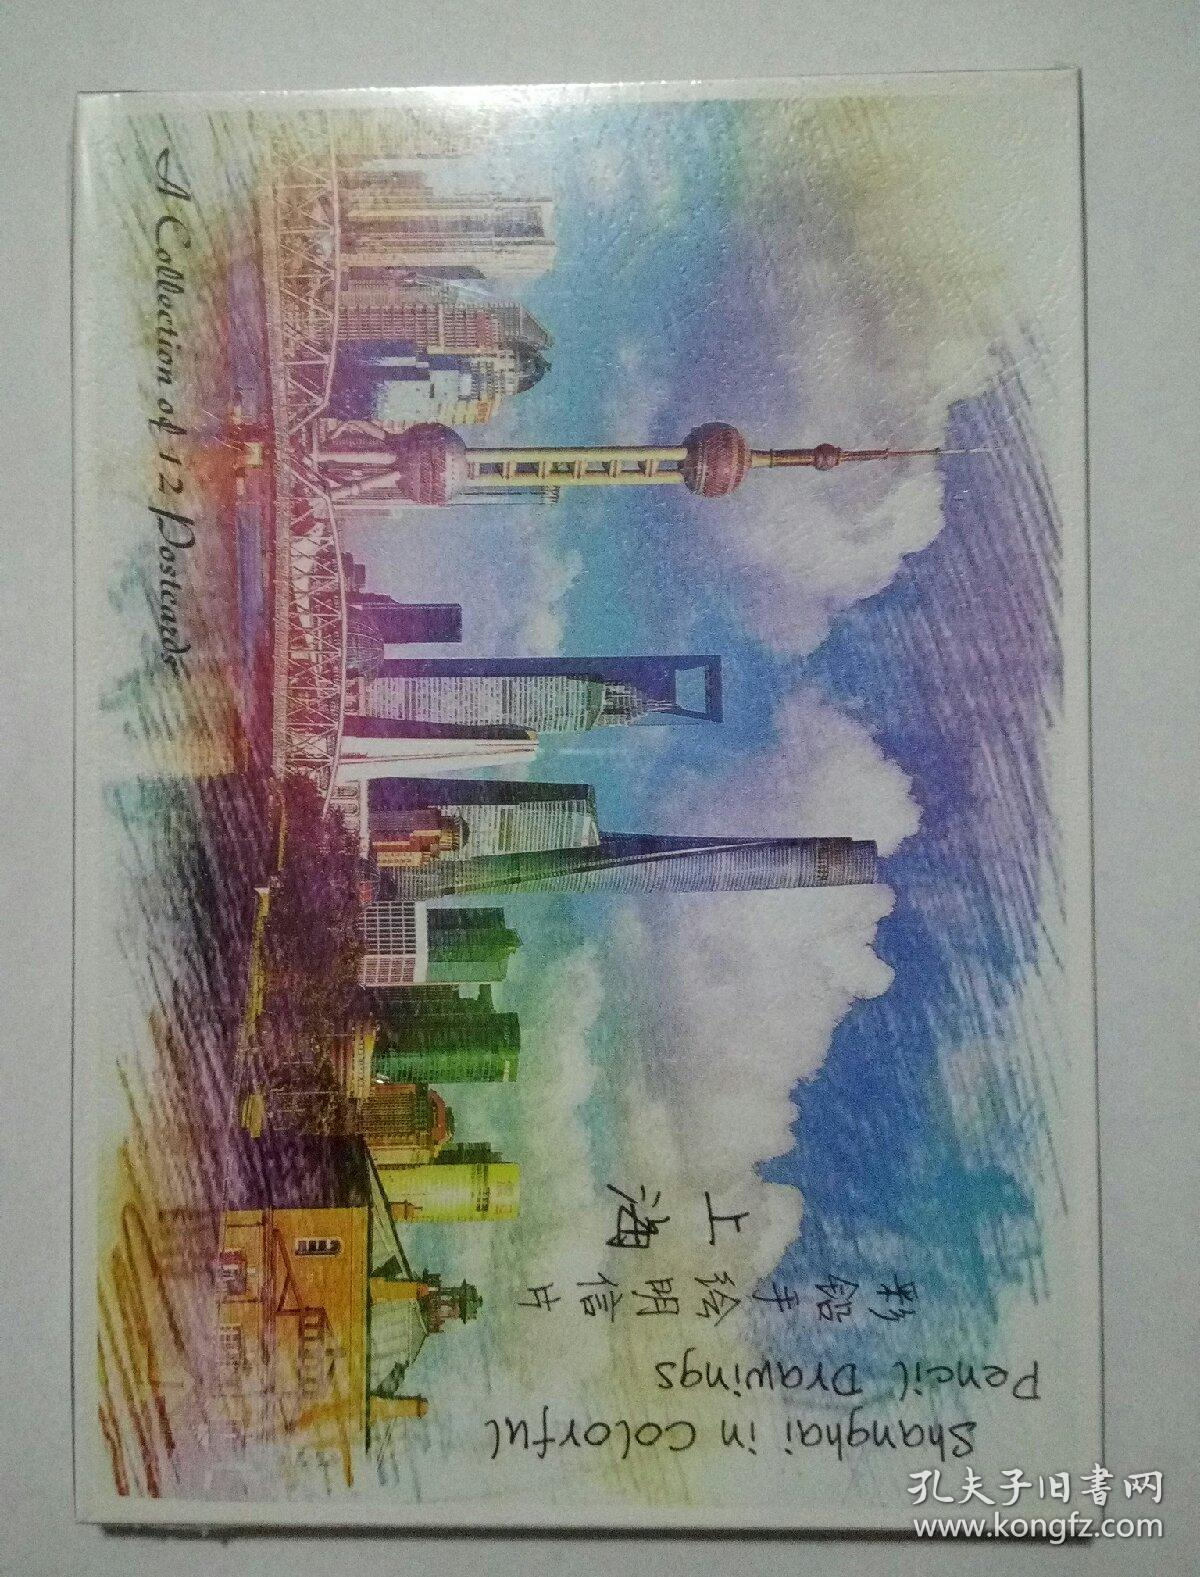 彩铅手绘明信片 上海